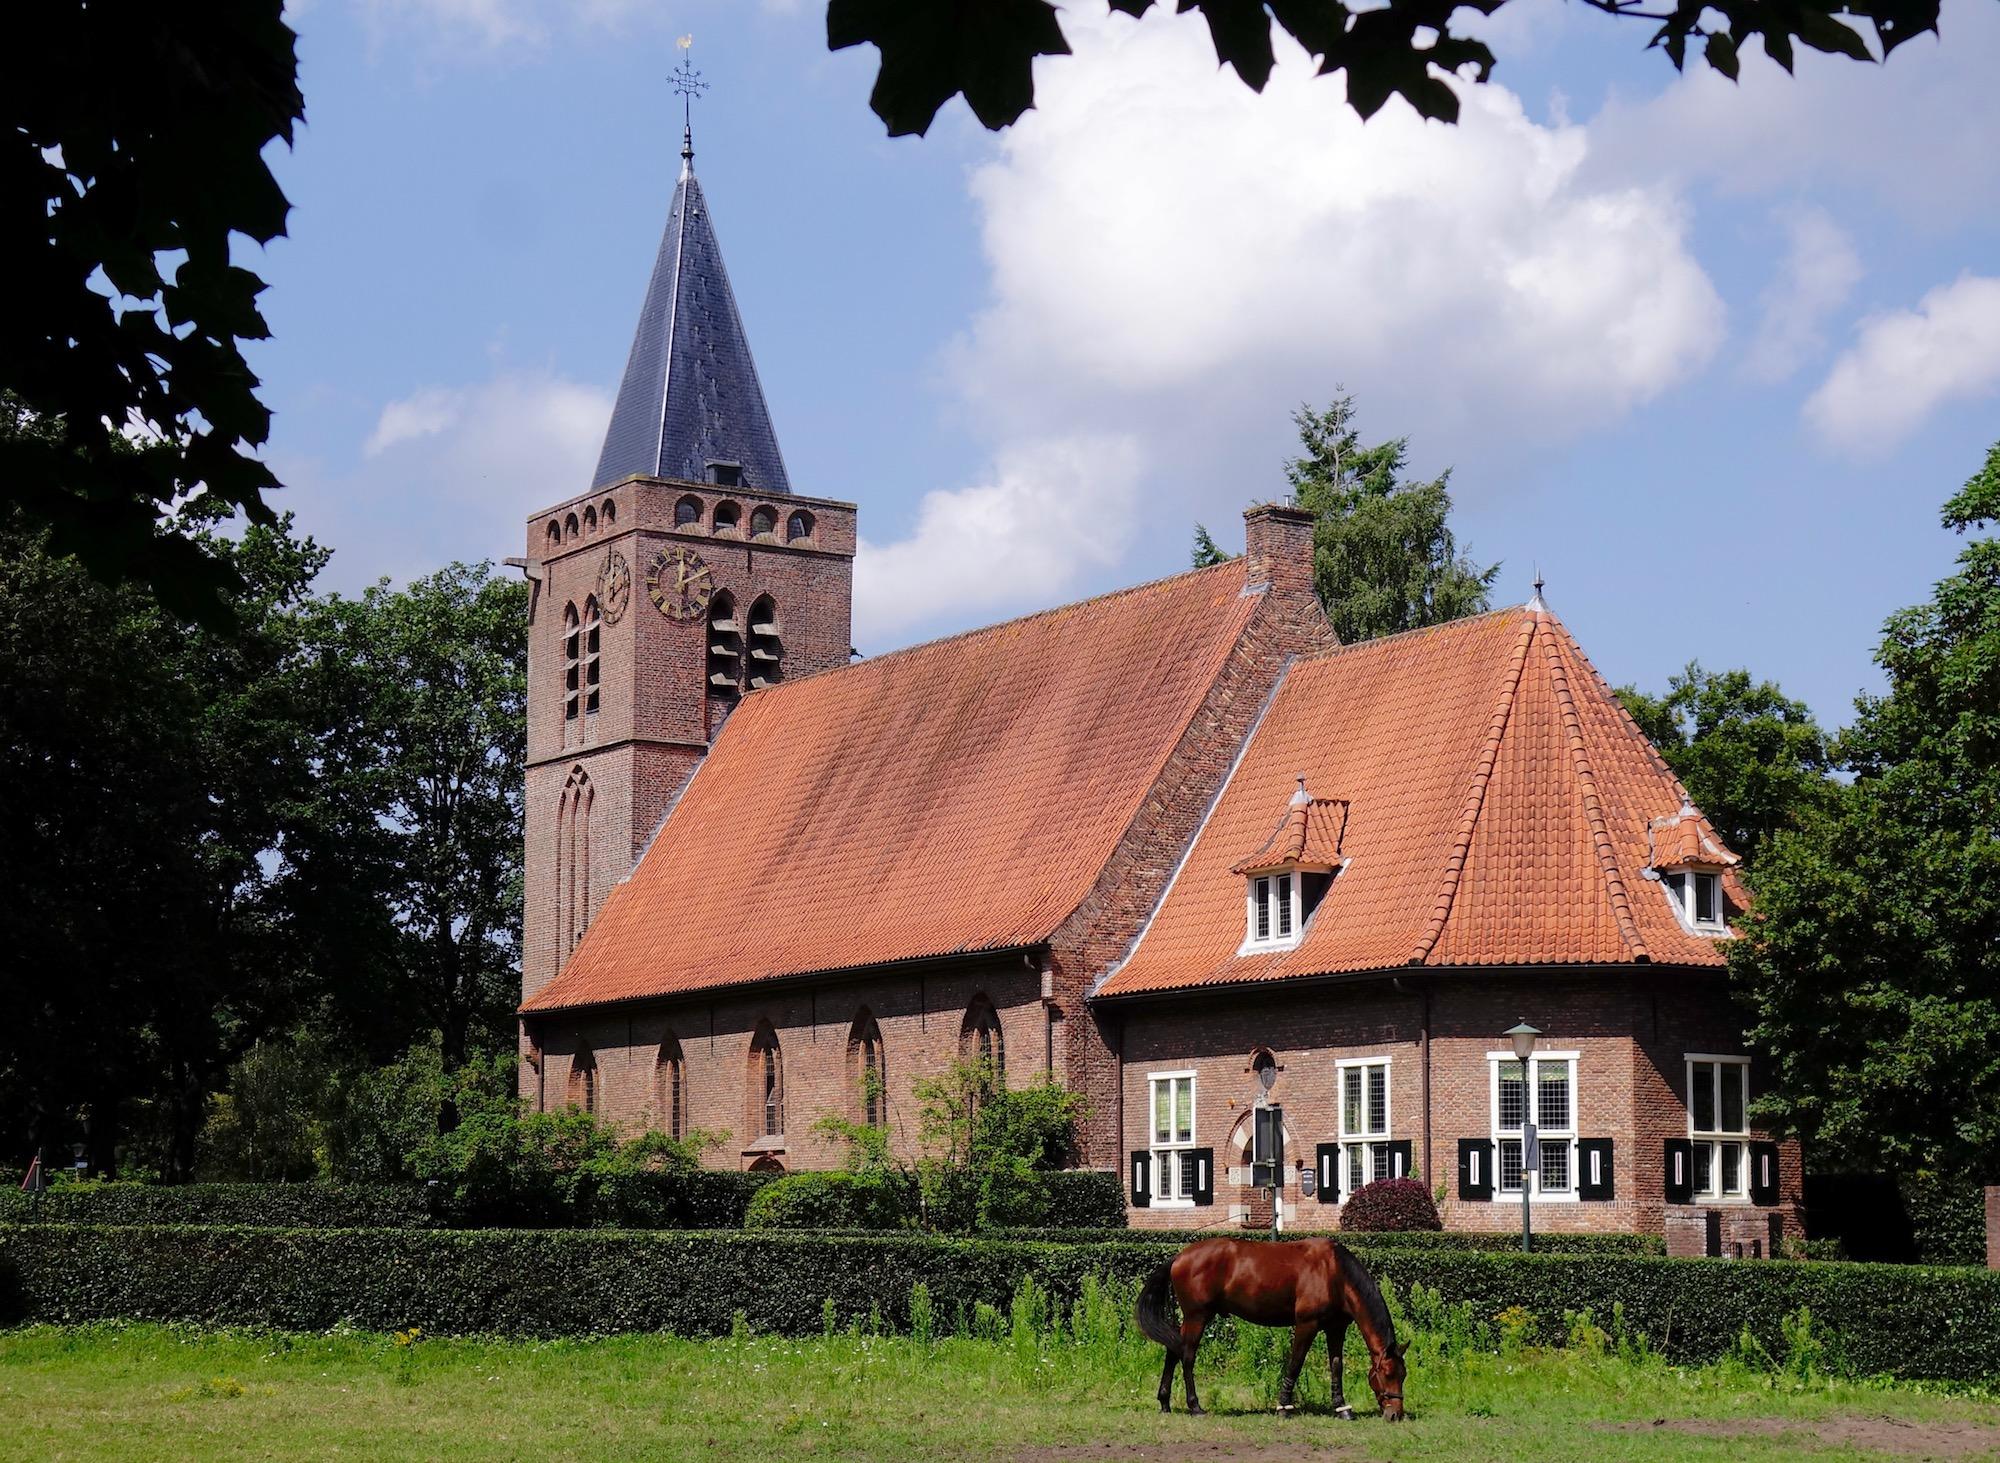 kerkpaard - 1 (1)